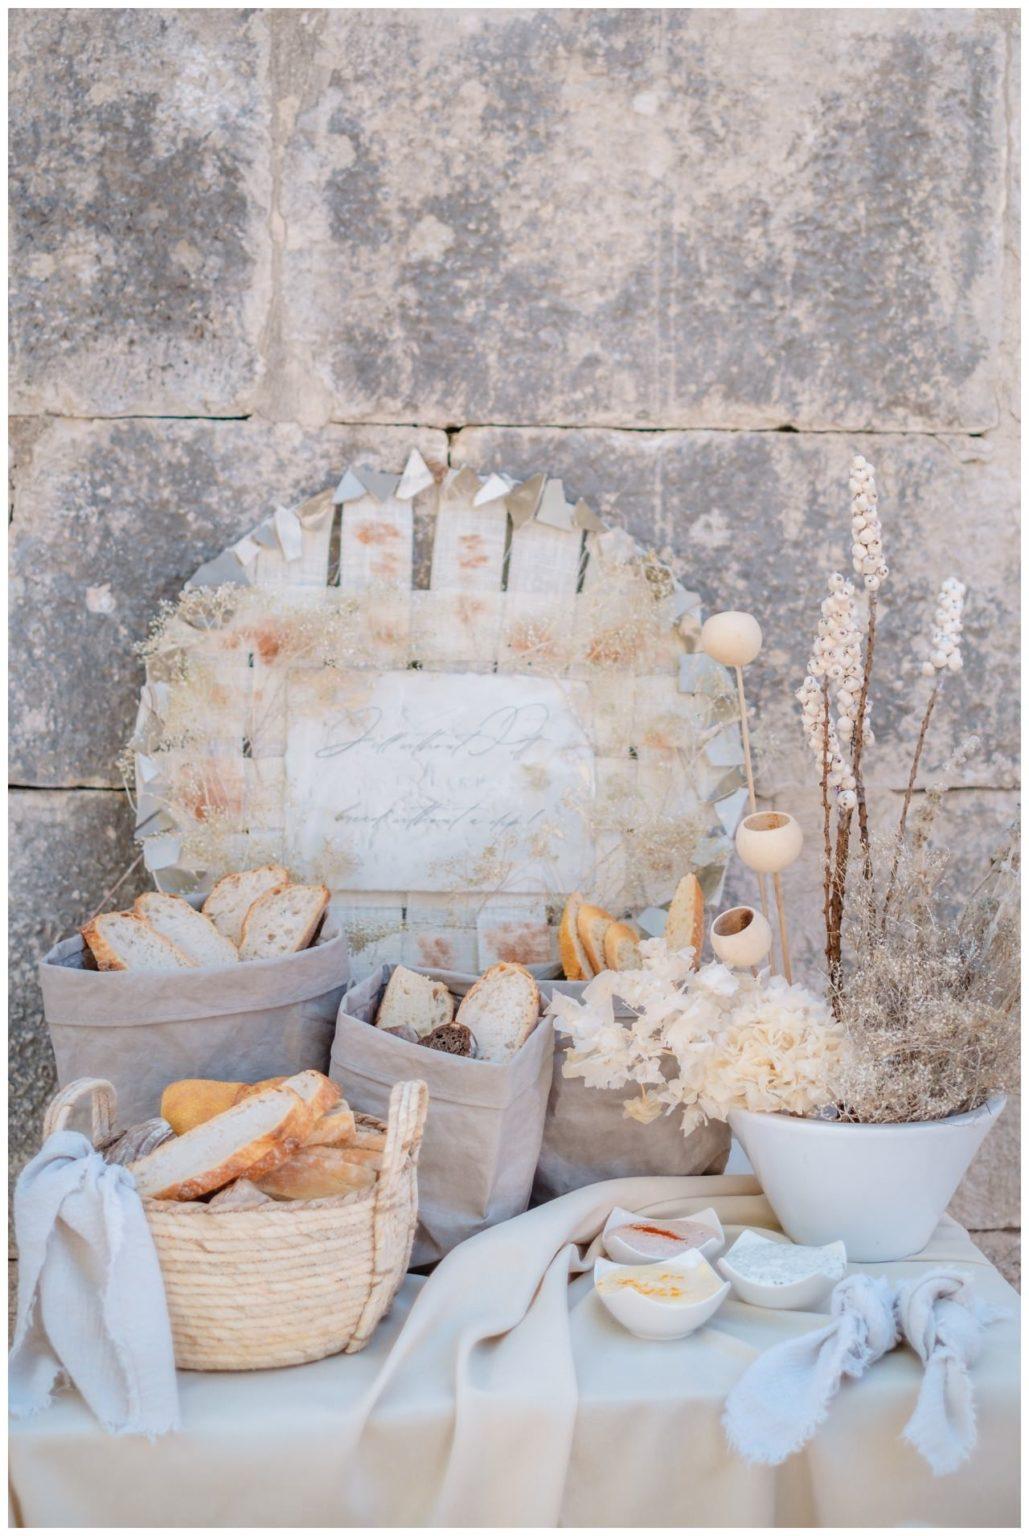 Hochzeit Kroatien Planung Hochzeitsplaner Trockenblumen Fotograf 28 - Natürliche Hochzeit mit Trockenblumen